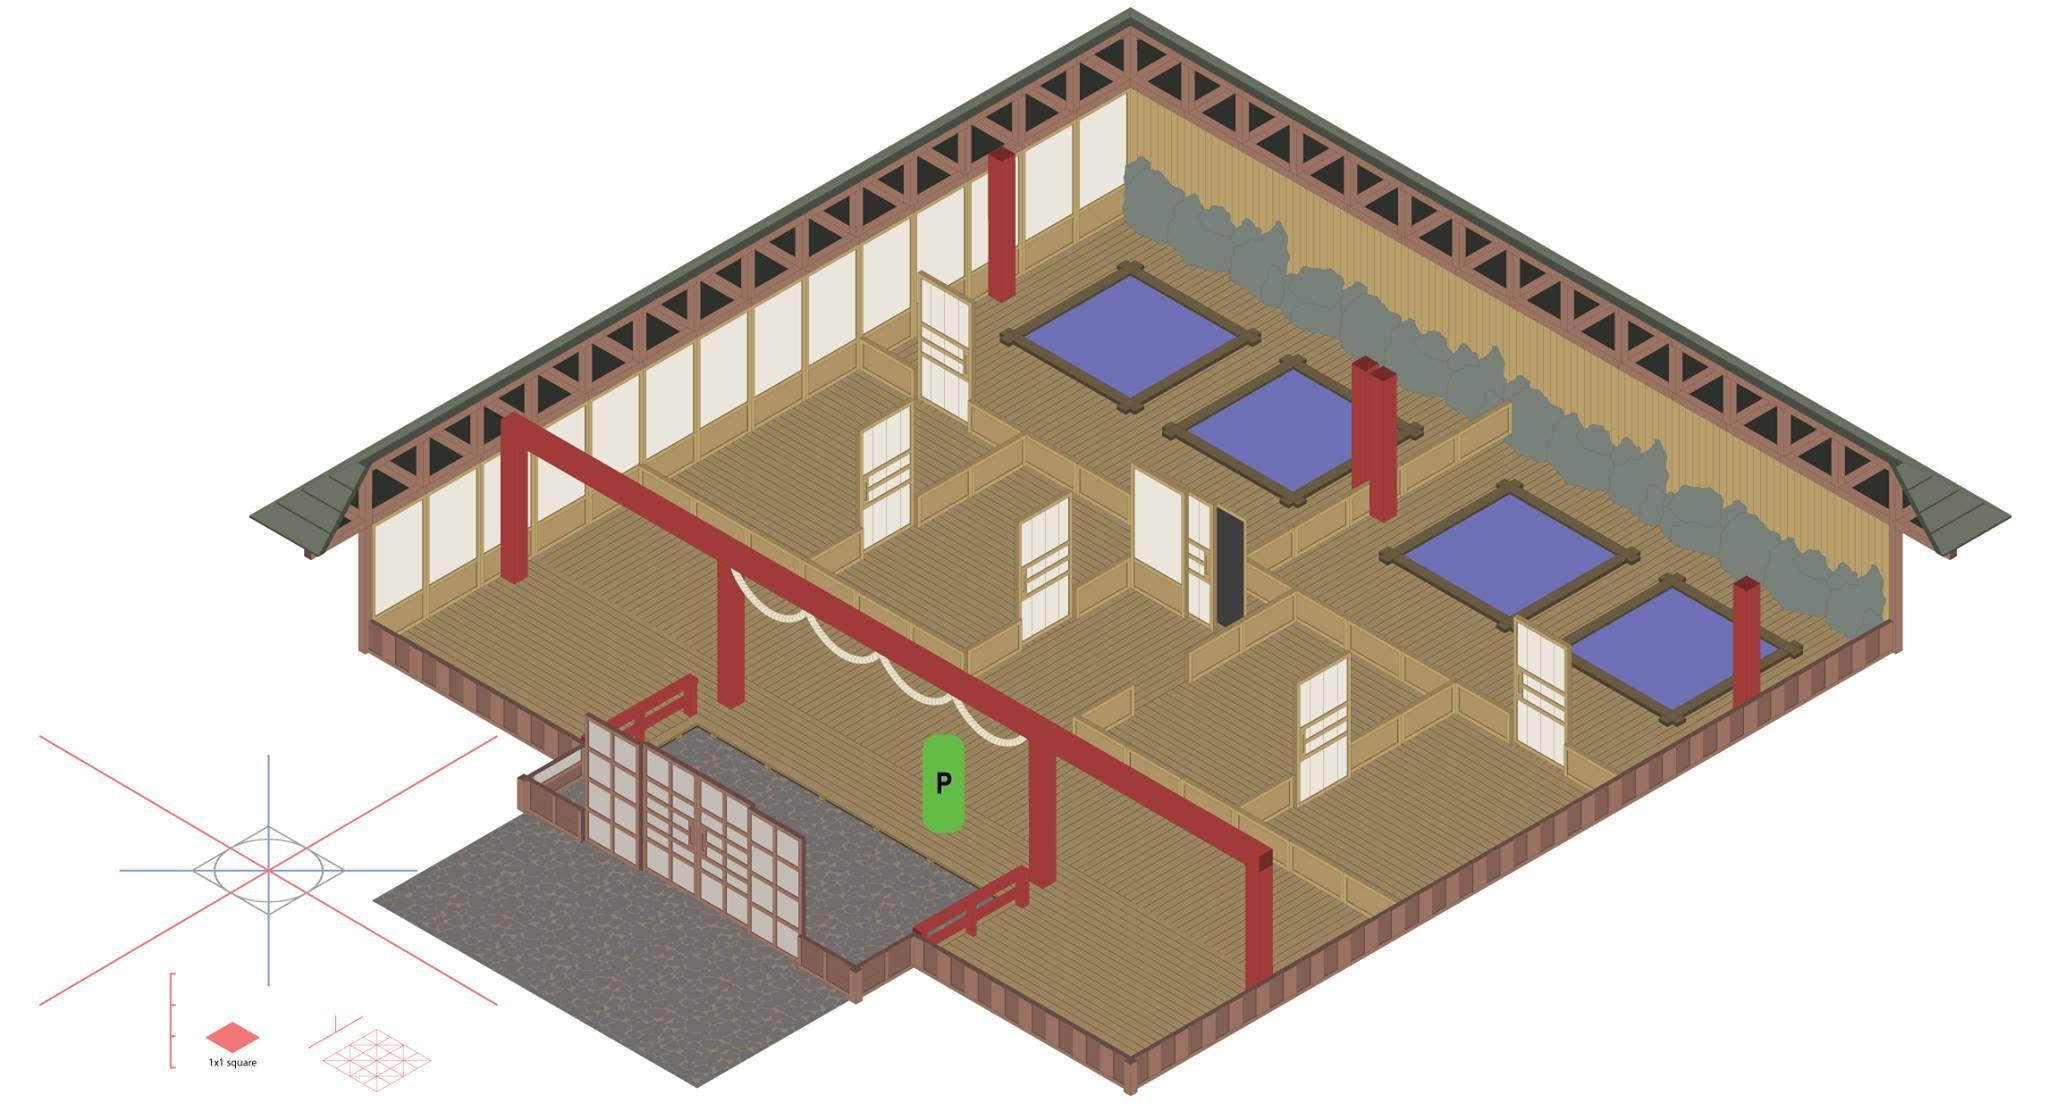 onsen-master-game-onsendesign-1.jpg